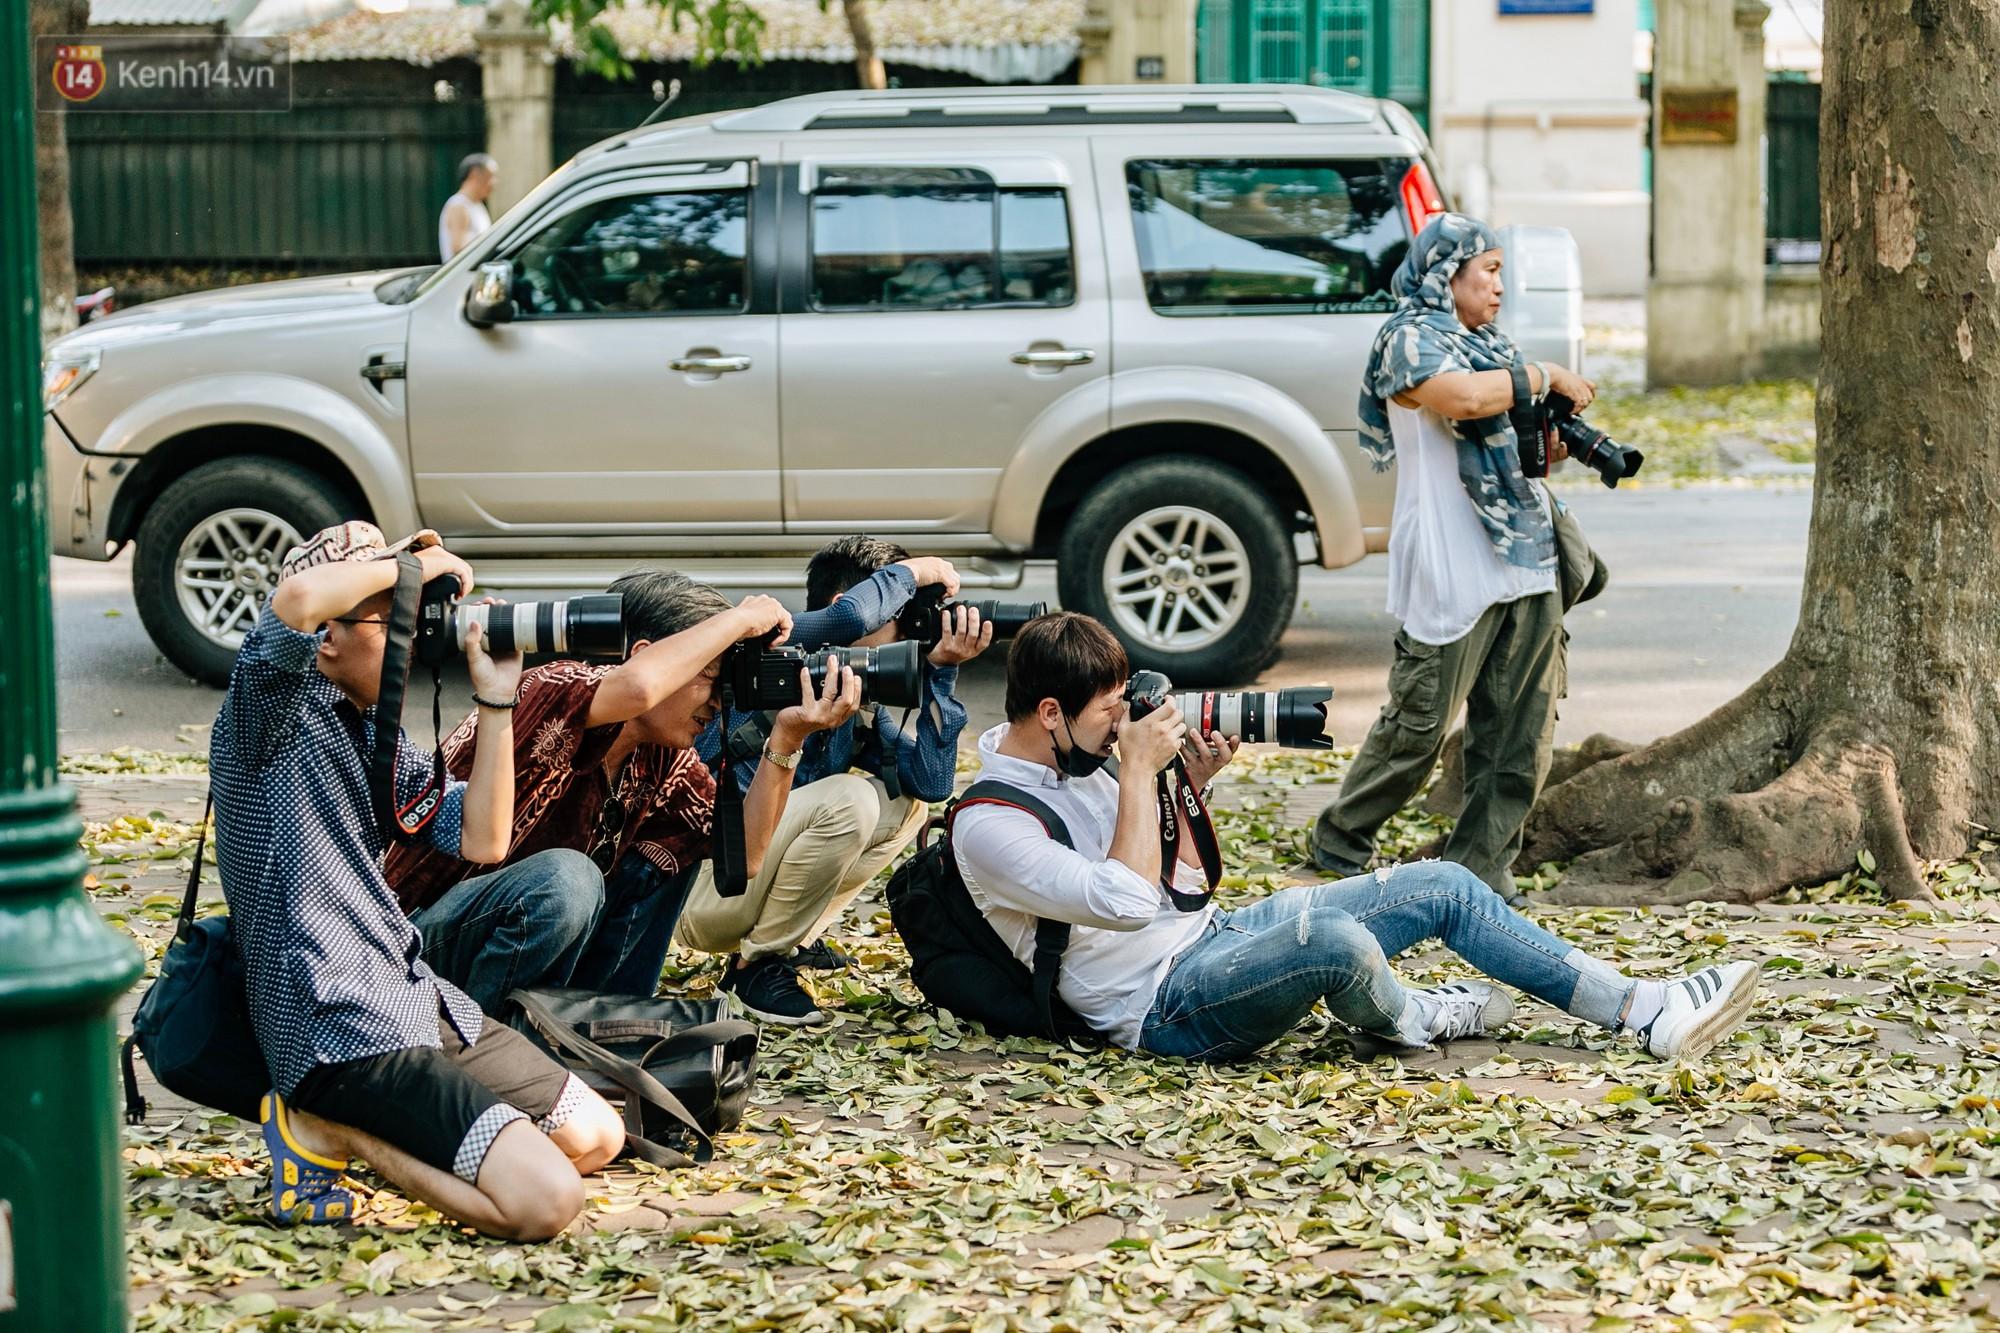 Ảnh 11: Phố Phan Đình Phùng - Hà Nội - We25.vn